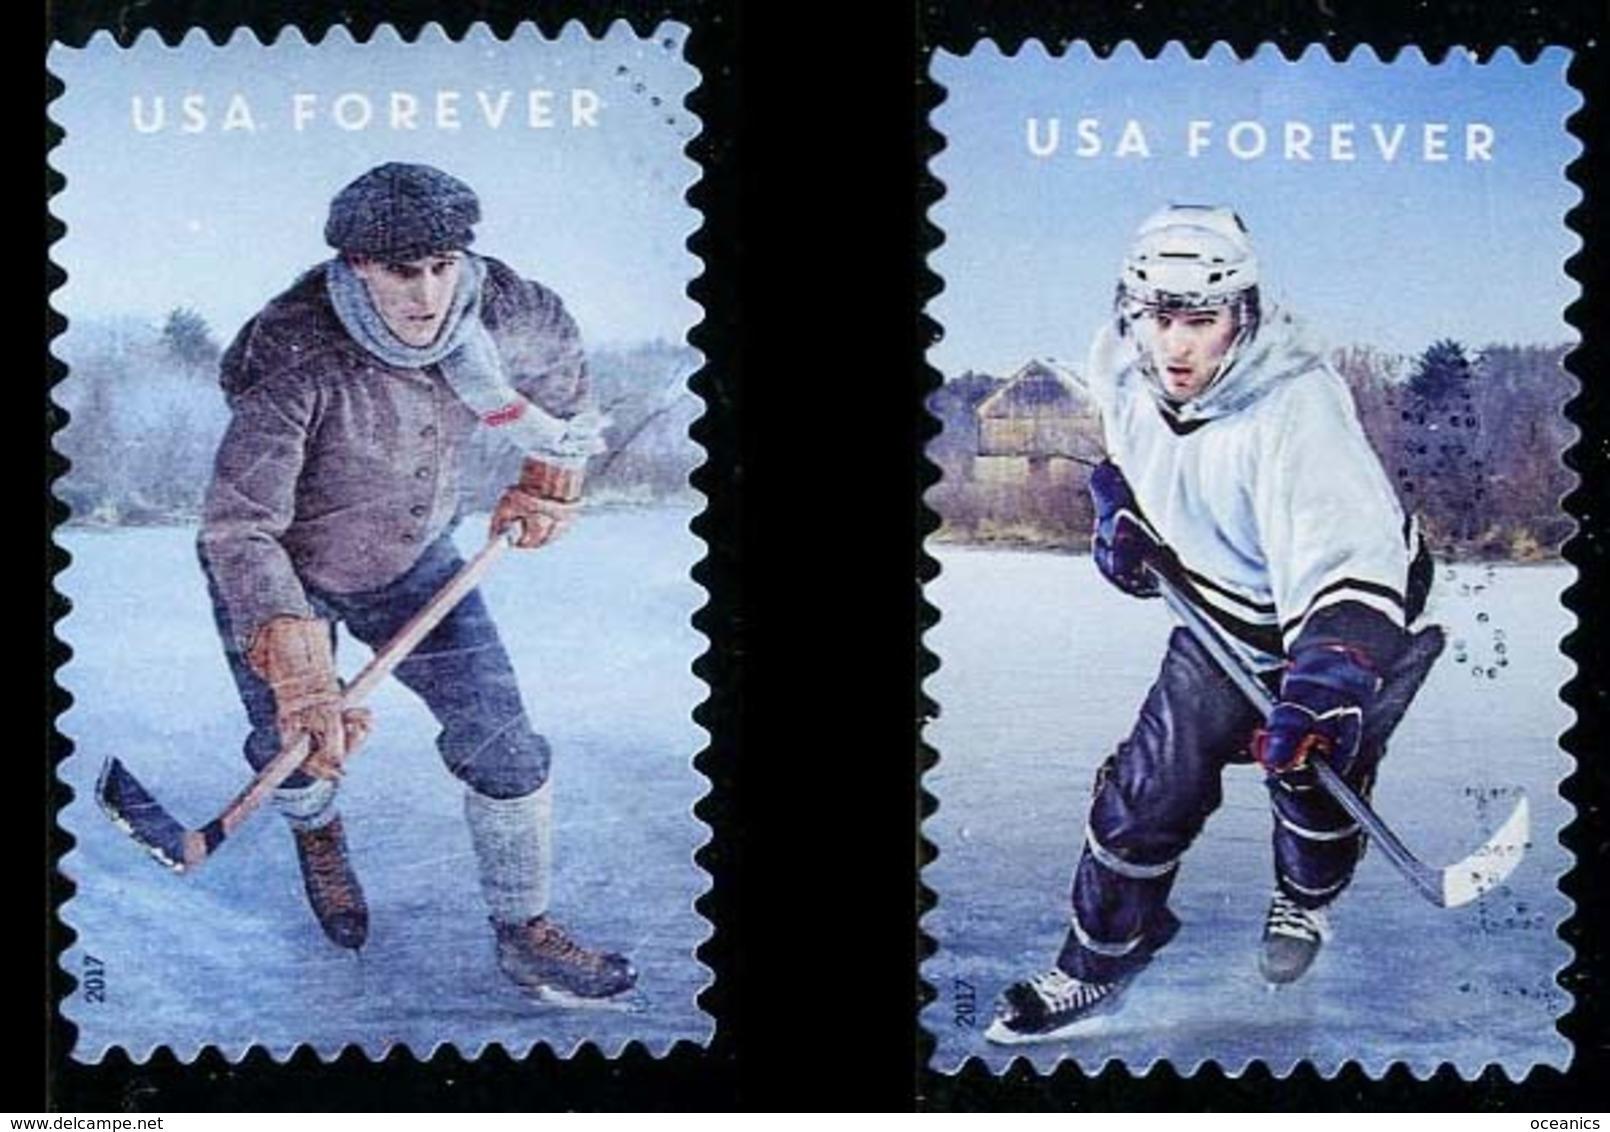 Etats-Unis / United States (Scott No.5253 - Hockey) ) (o) TB / VF - Used Stamps